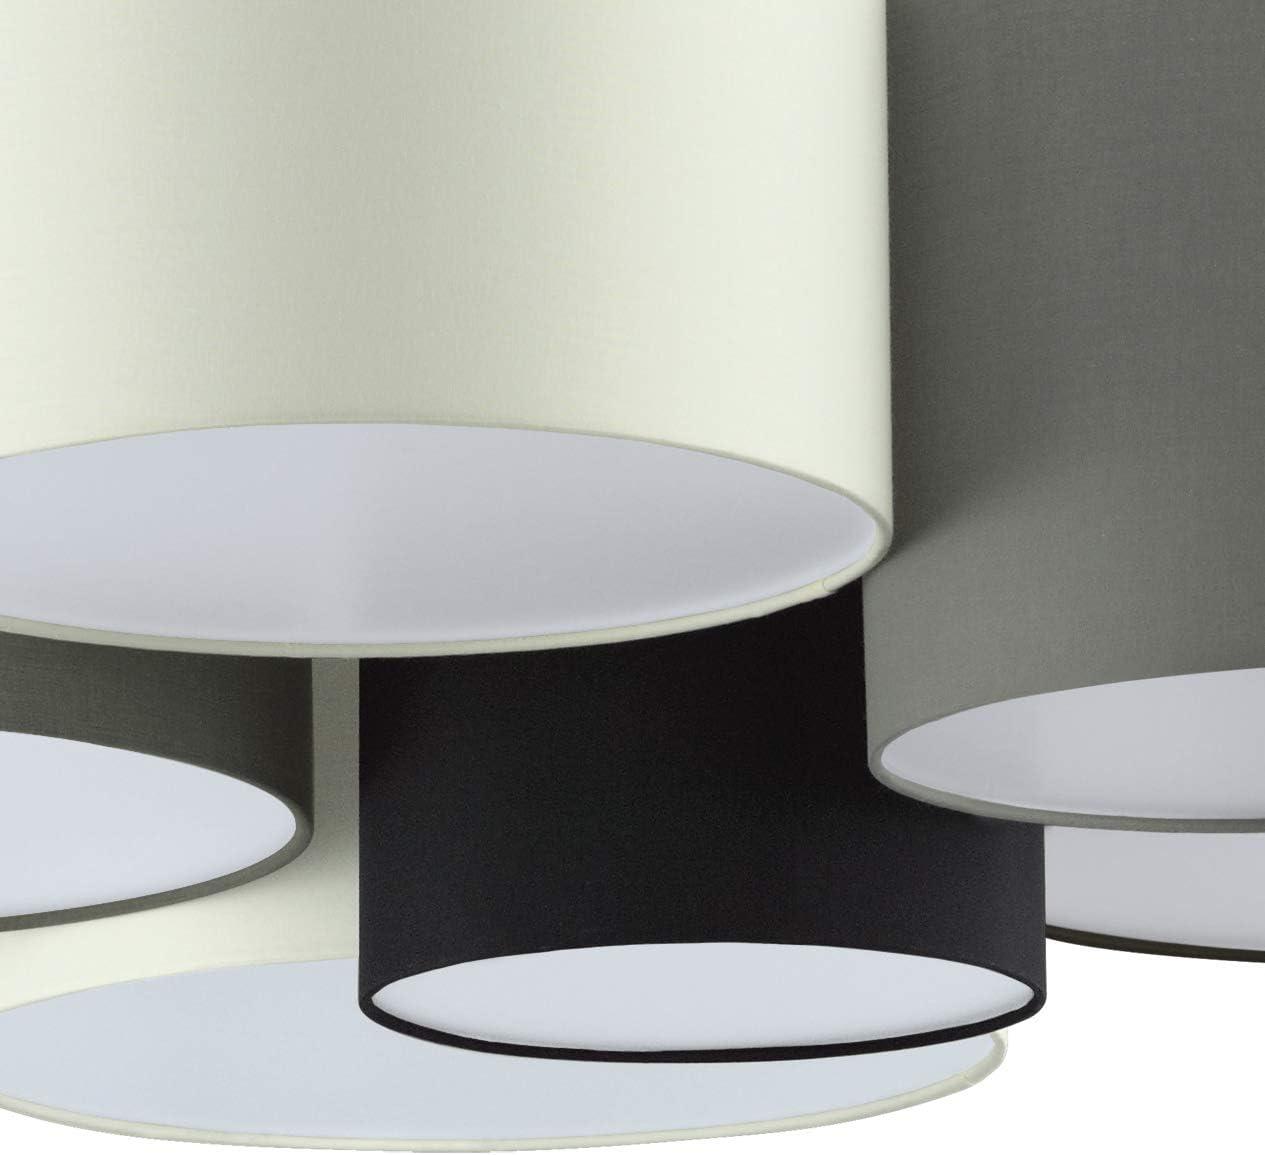 schwarz Material: Stahl grau 6 flammige Textil Deckenleuchte EGLO Deckenlampe Pastore Stoff Fassung: E27 braun Farbe: Wei/ß